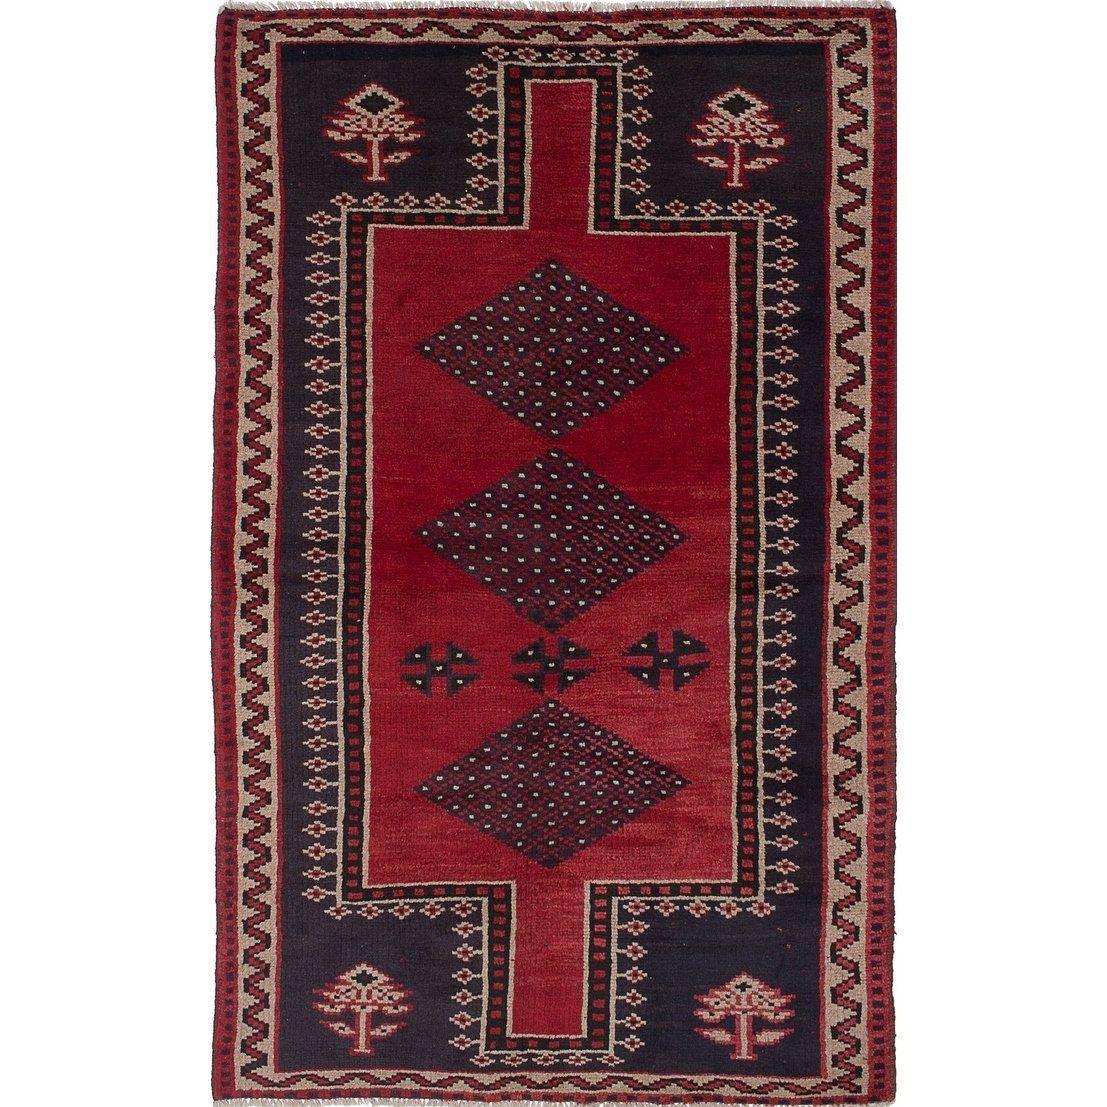 Ecarpetgallery Hand Knotted Shiraz Dark Burgundy Dark Navy Wool Rug 4 11 X 7 10 Wool Area Rugs Wool Rug Colorful Rugs